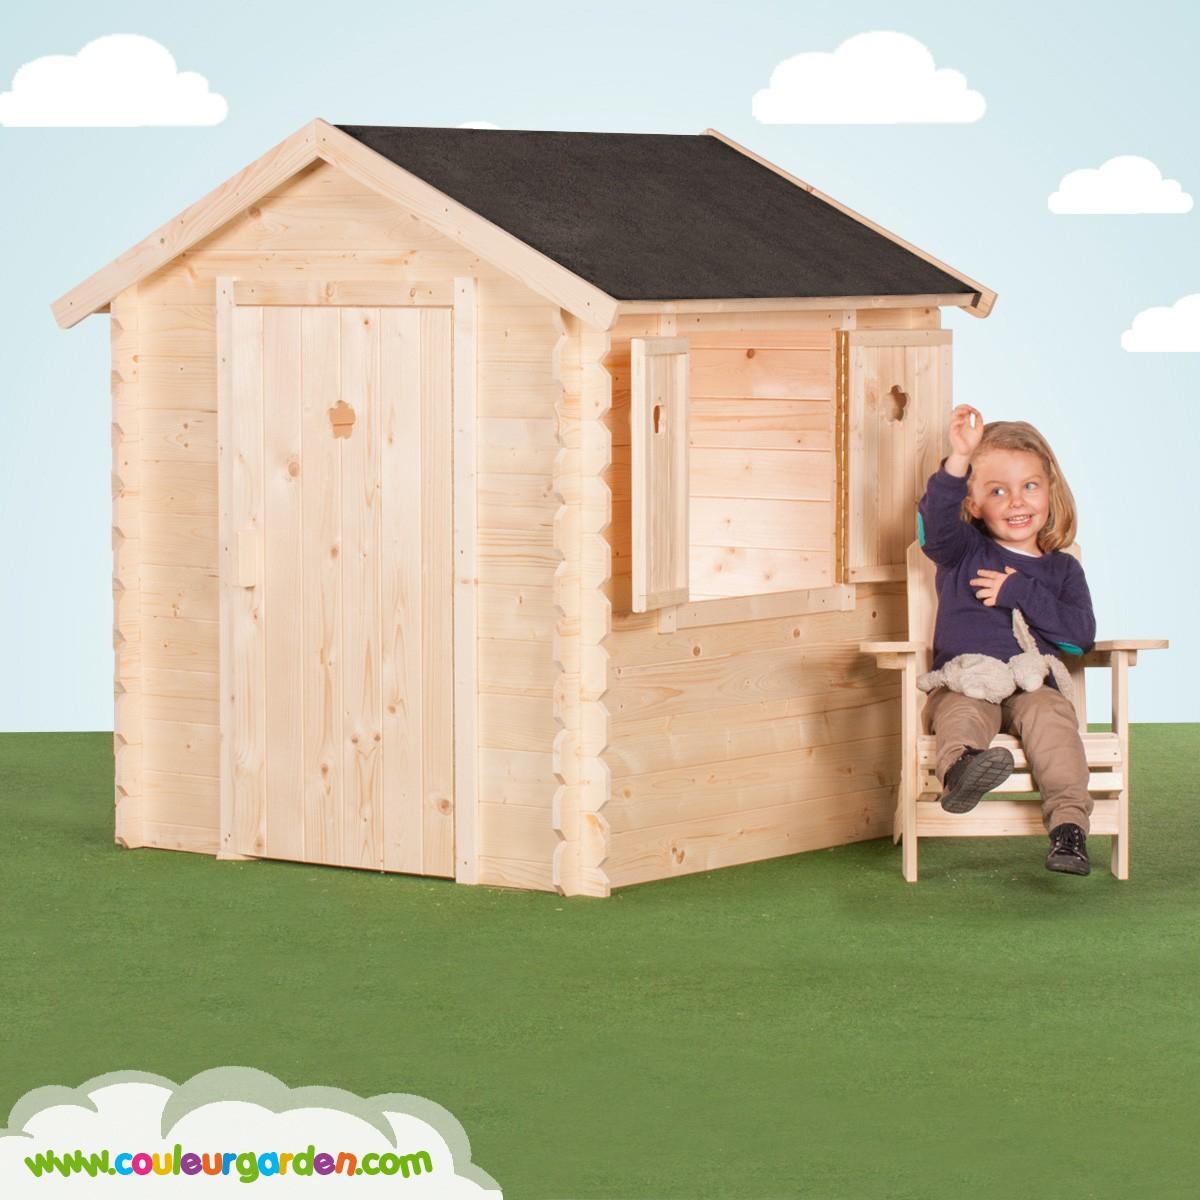 Cabane de jardin pas cher maison en bois pour enfant pas - Bordure de jardin en pierre pas cher ...